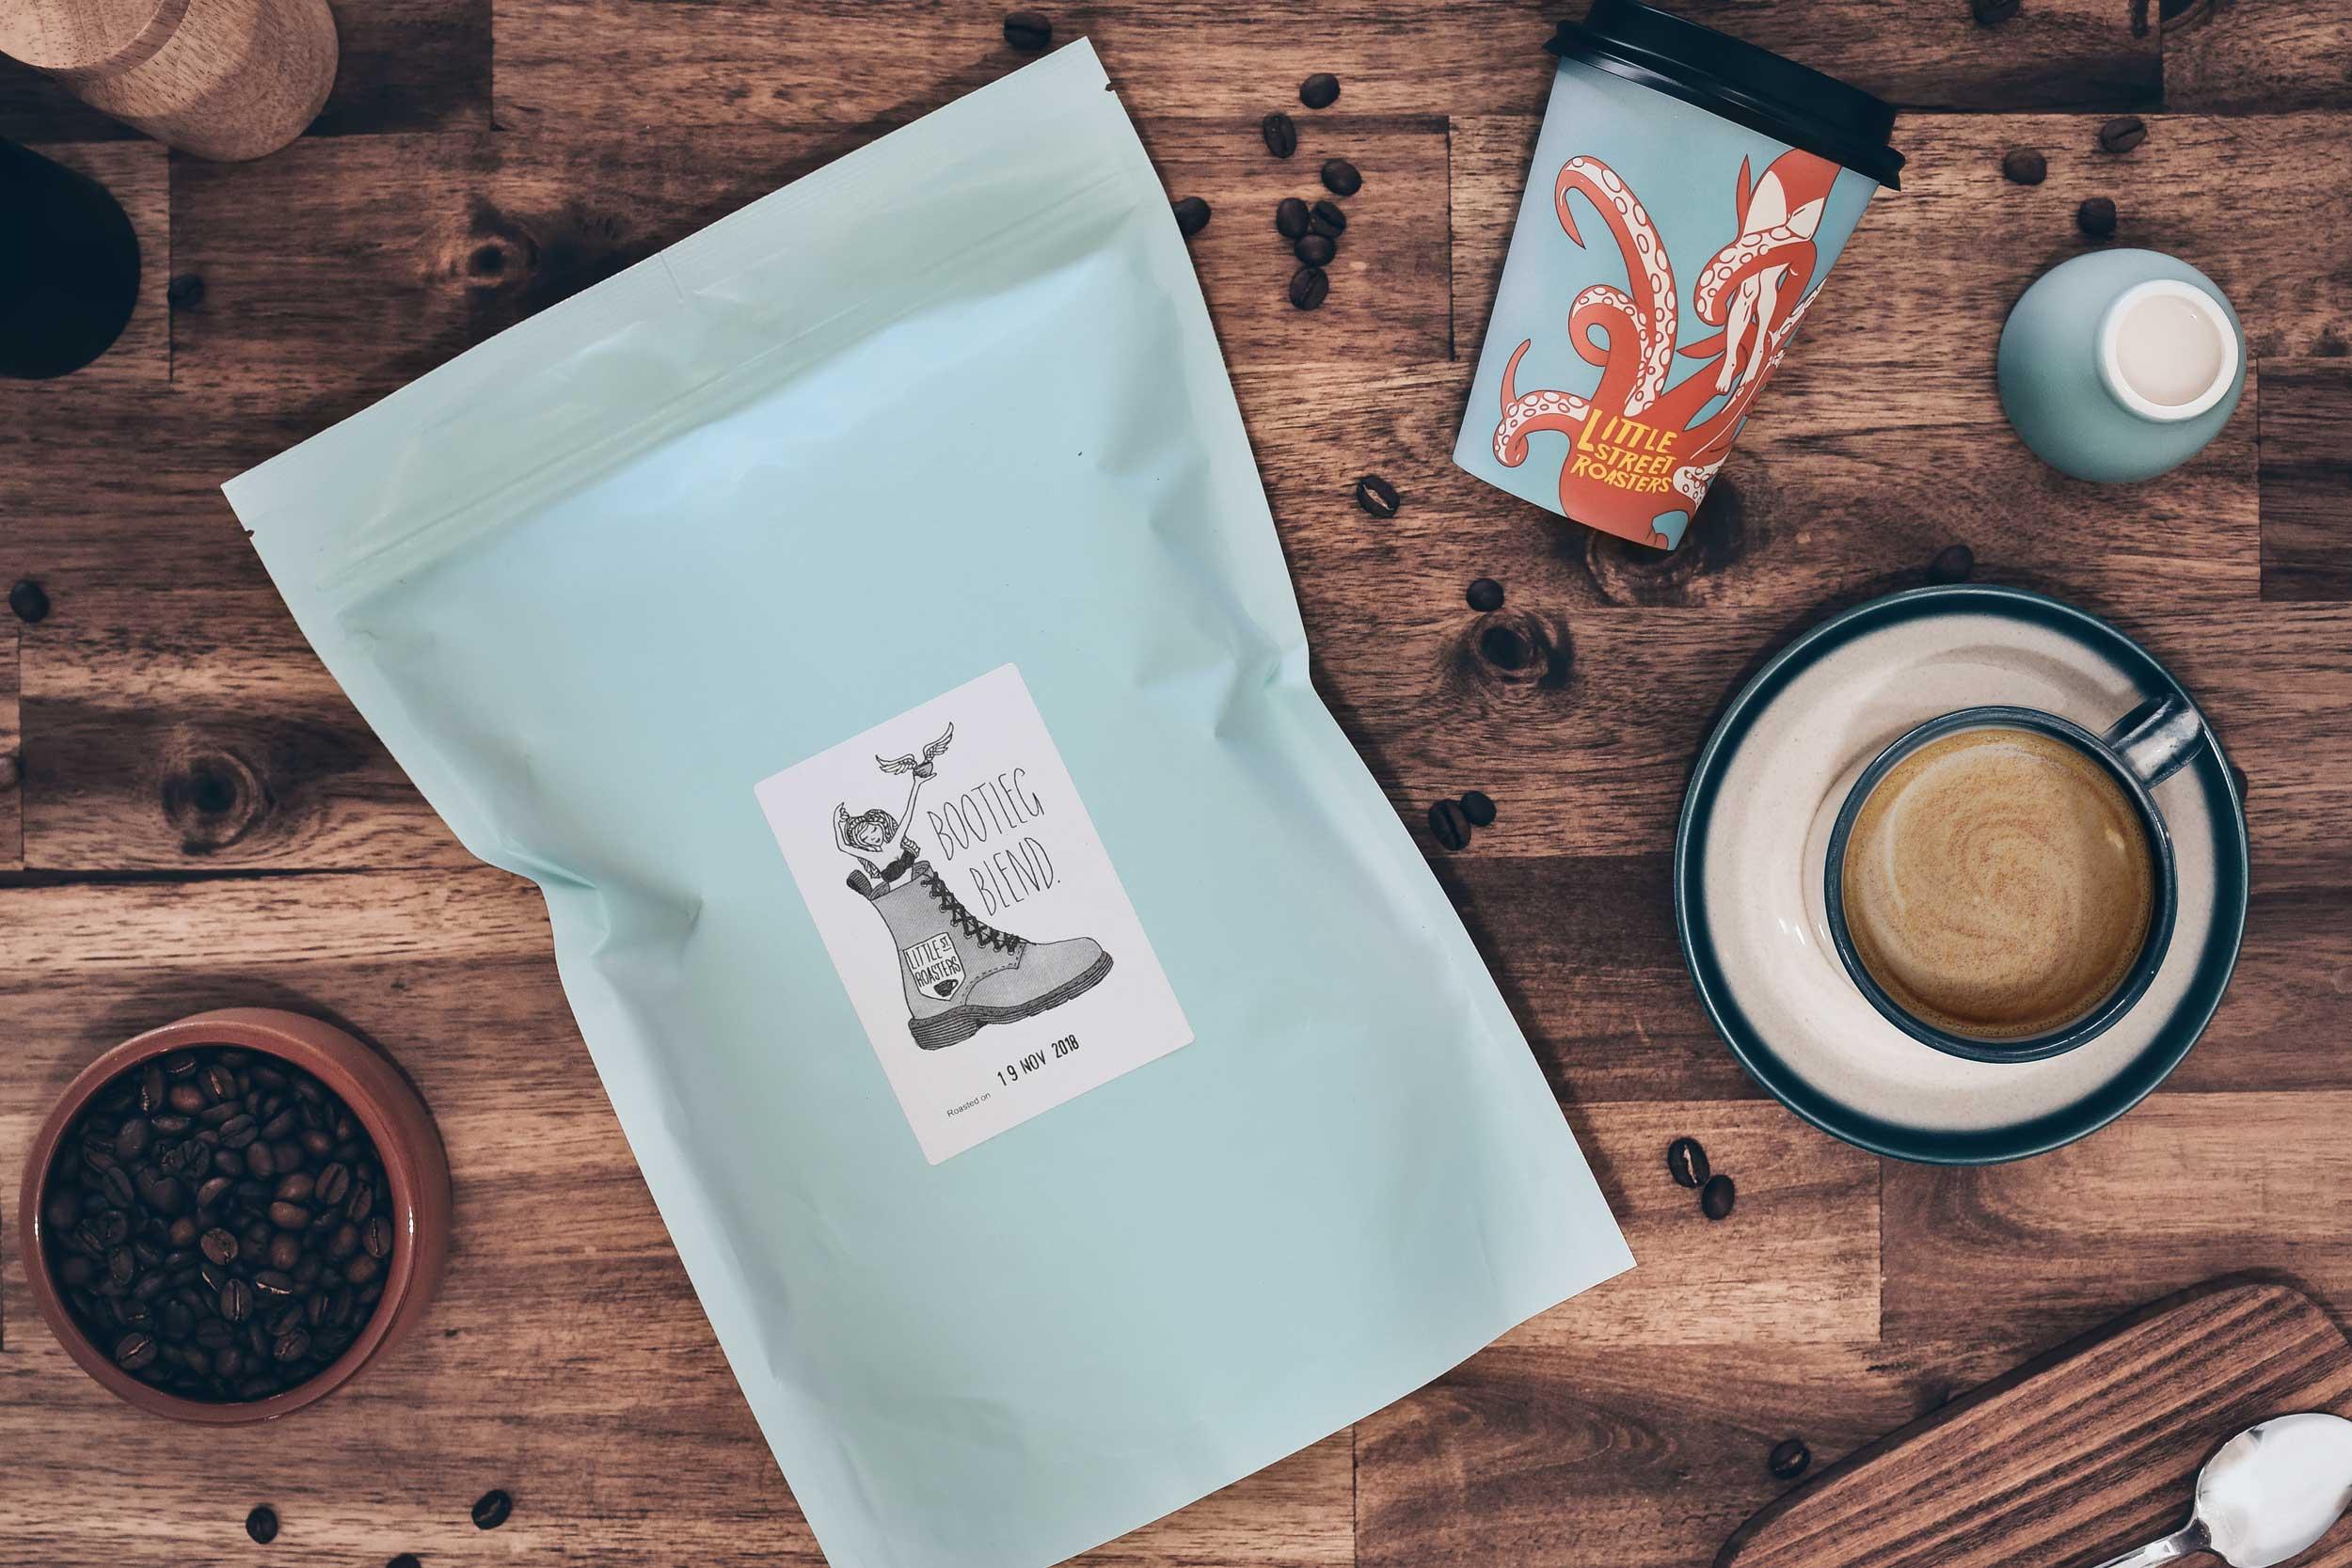 little-street-roasters-coffee-big-bag.jpg